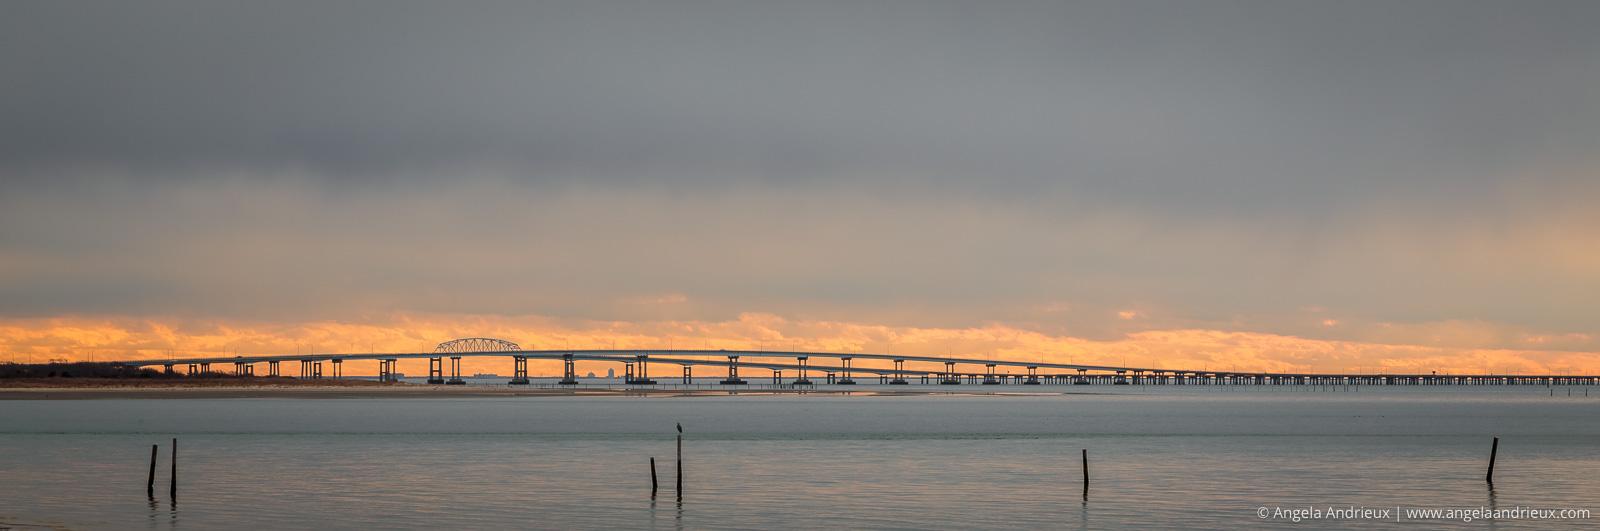 Chesapeake Bay Bridge Sunset